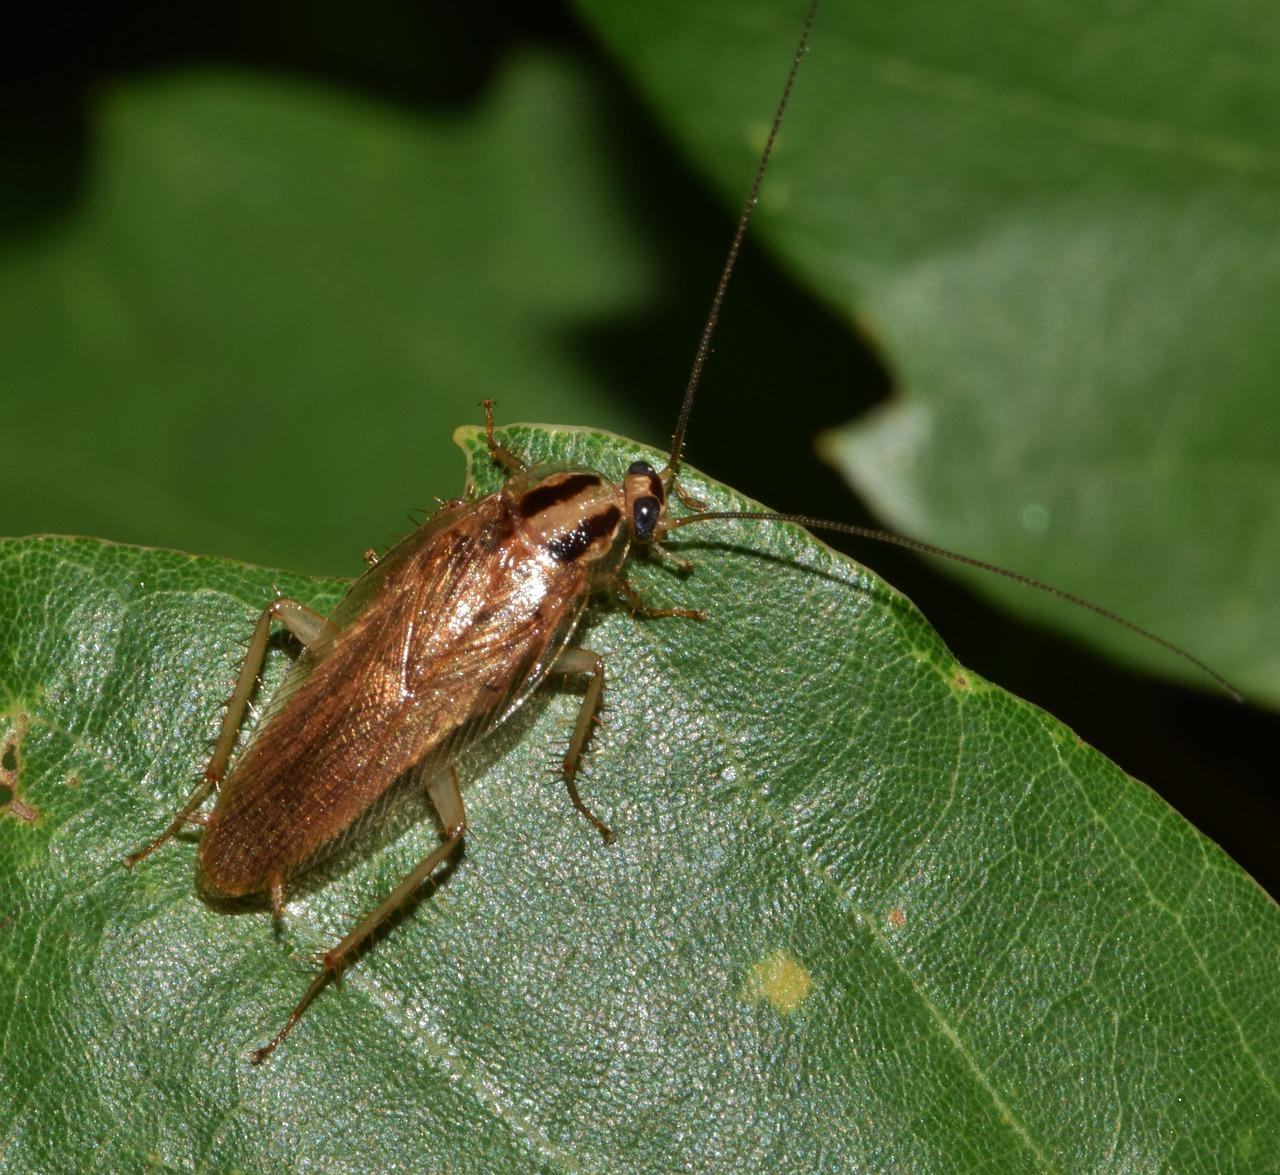 подарю тараканы фото лесные ярких вспышек могут